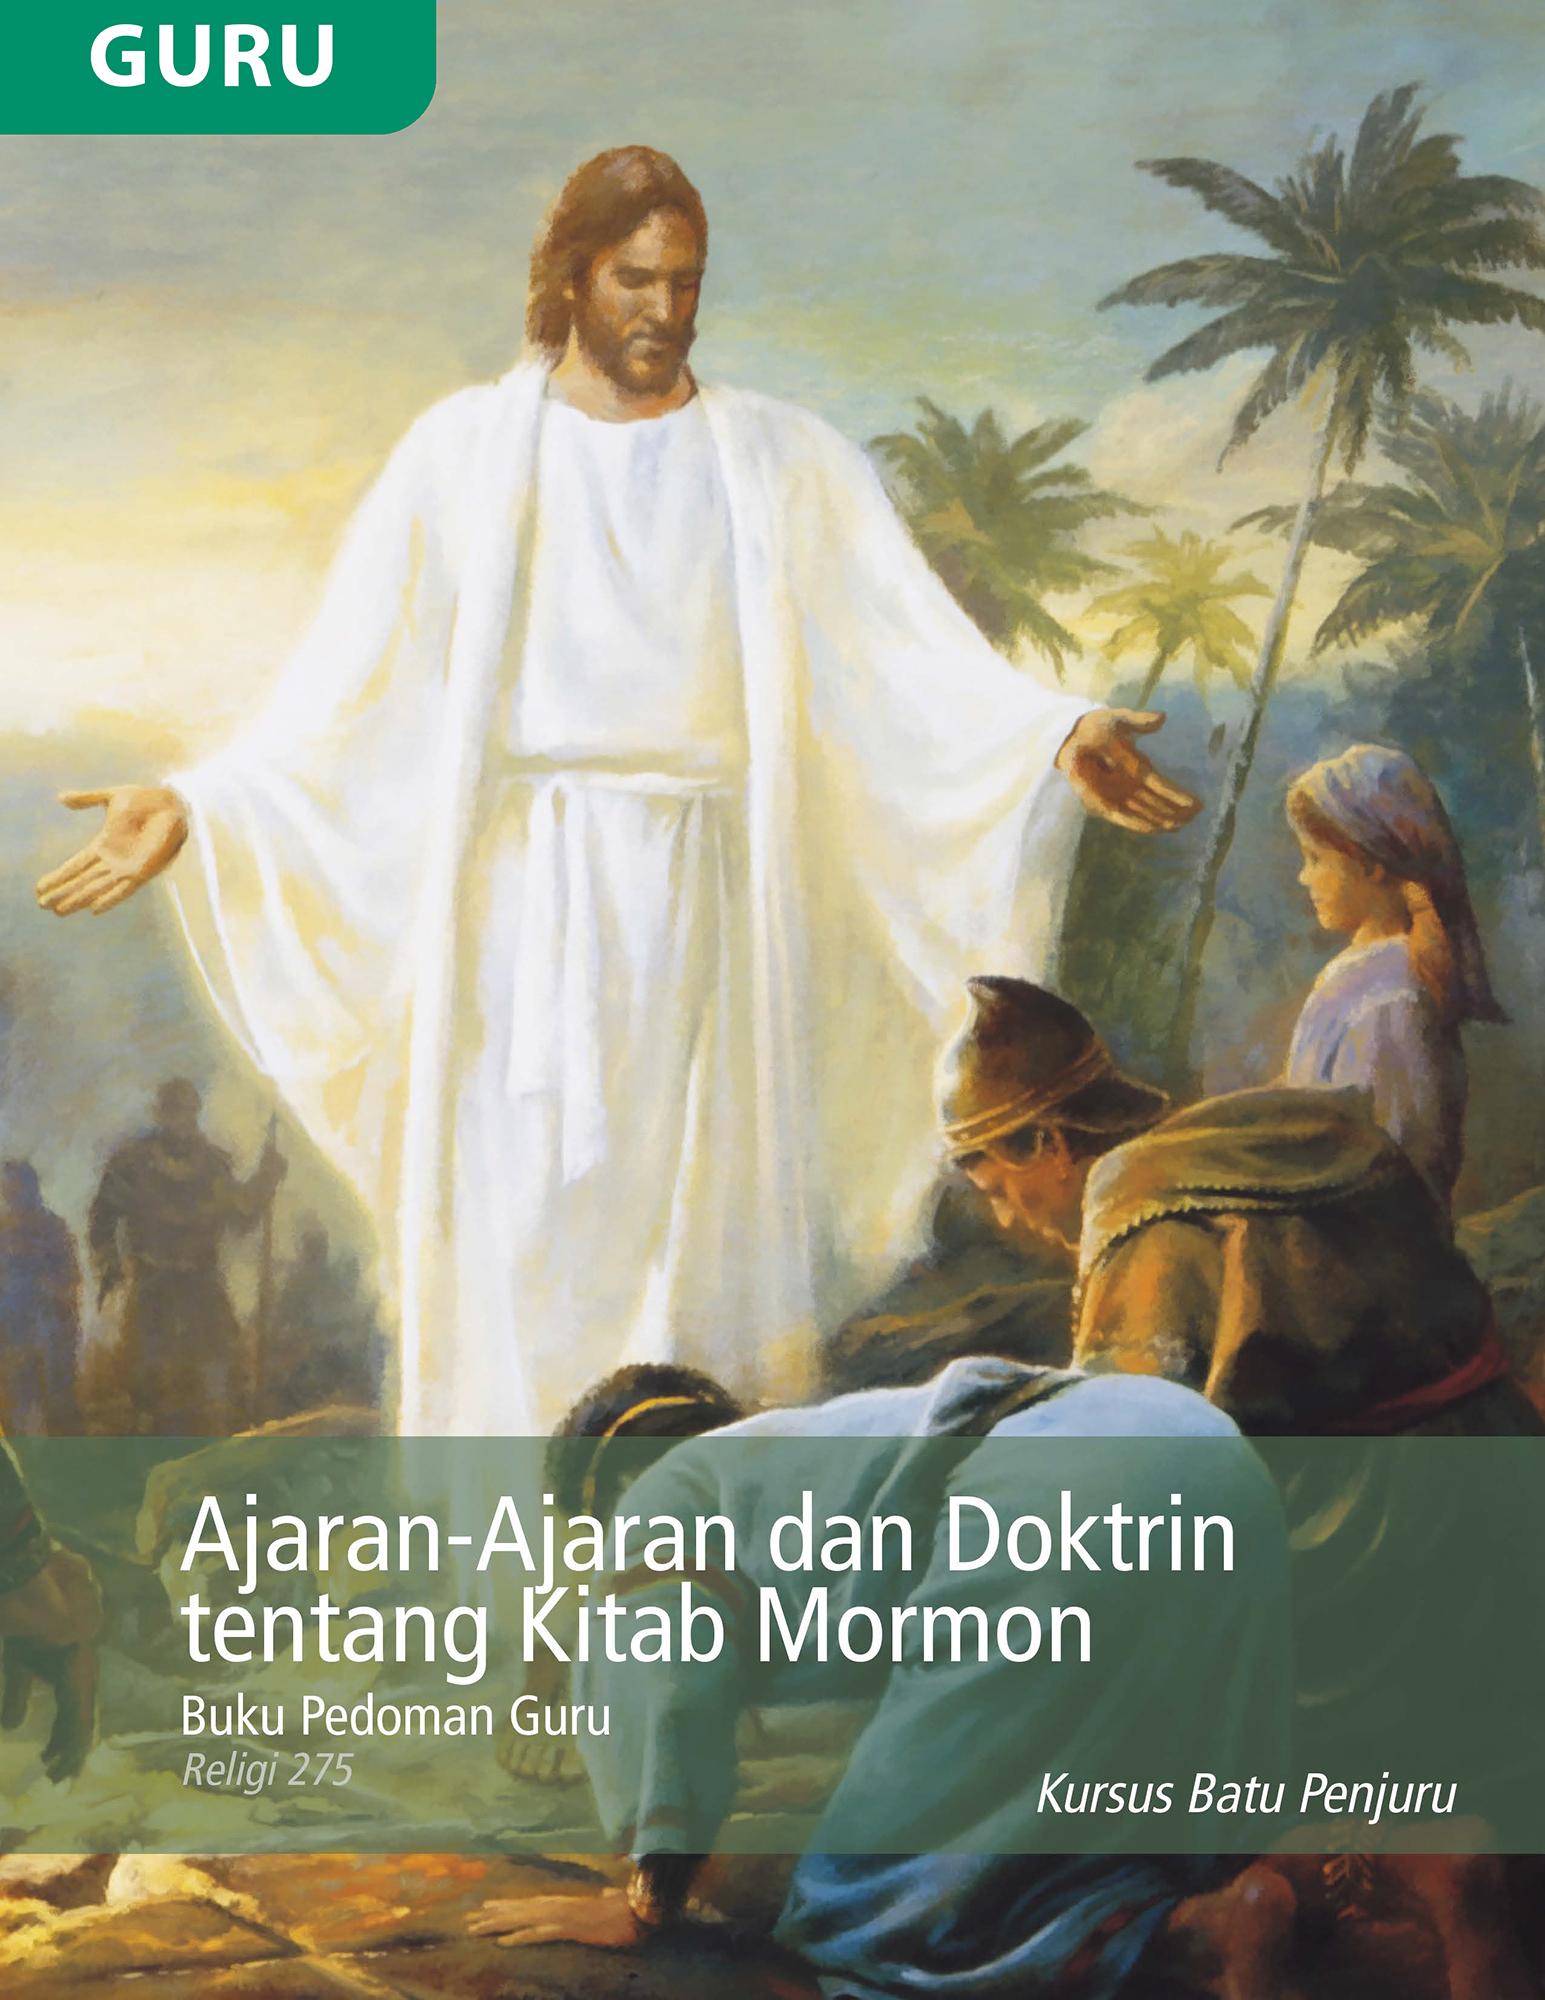 Buku Pedoman Guru Ajaran-Ajaran dan Doktrin tentang Kitab Mormon (Religi 275)